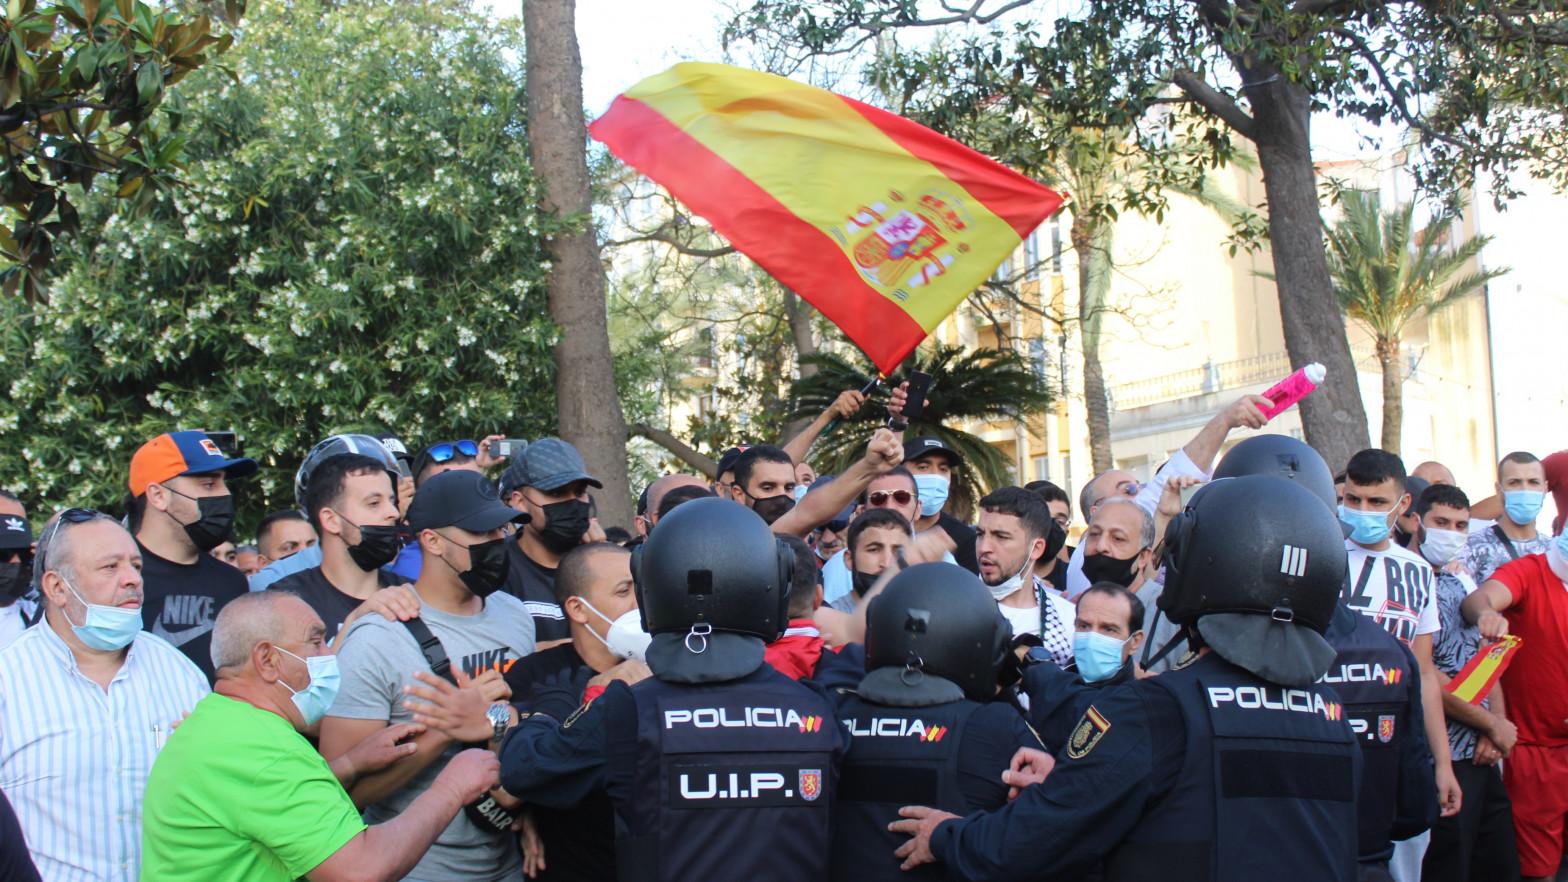 La Policía controla a un grupo de manifestantes con motivo de la presencia del presidente de Vox, Santiago Abascal, en Ceuta